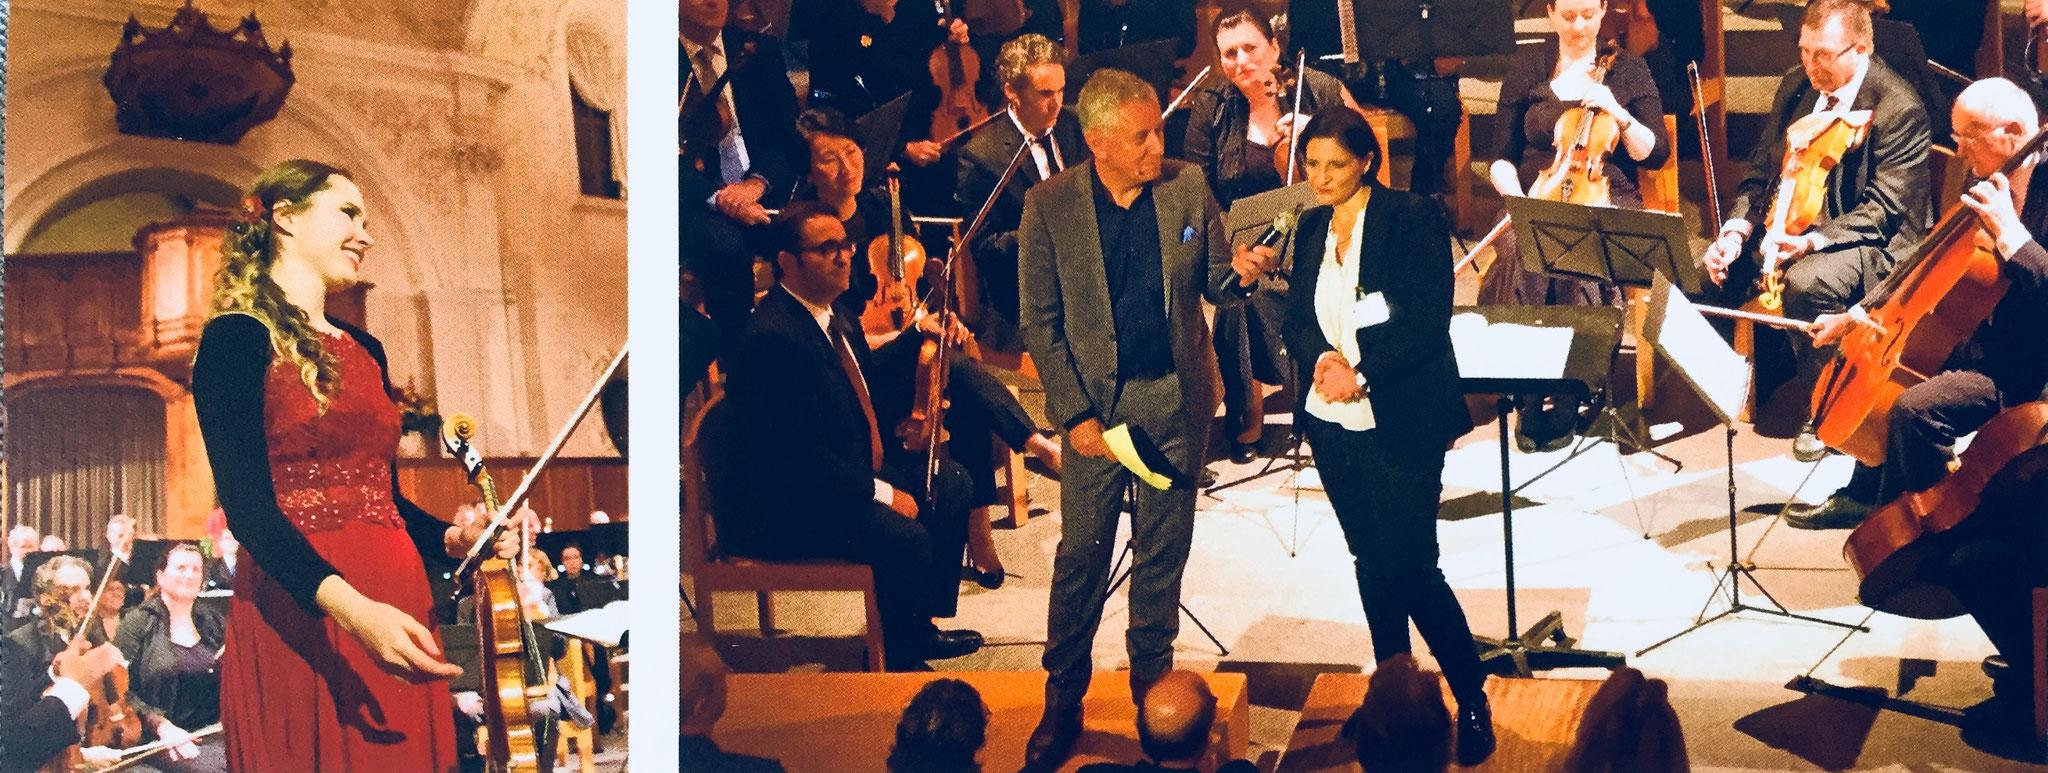 Konzert in St. Peter (Zuerich), Spendeparlament 1.12.2016. Moderator- Röbi Koller, Orchester Gesellschaft Zürich, Solistin- Kateryna Timokhina